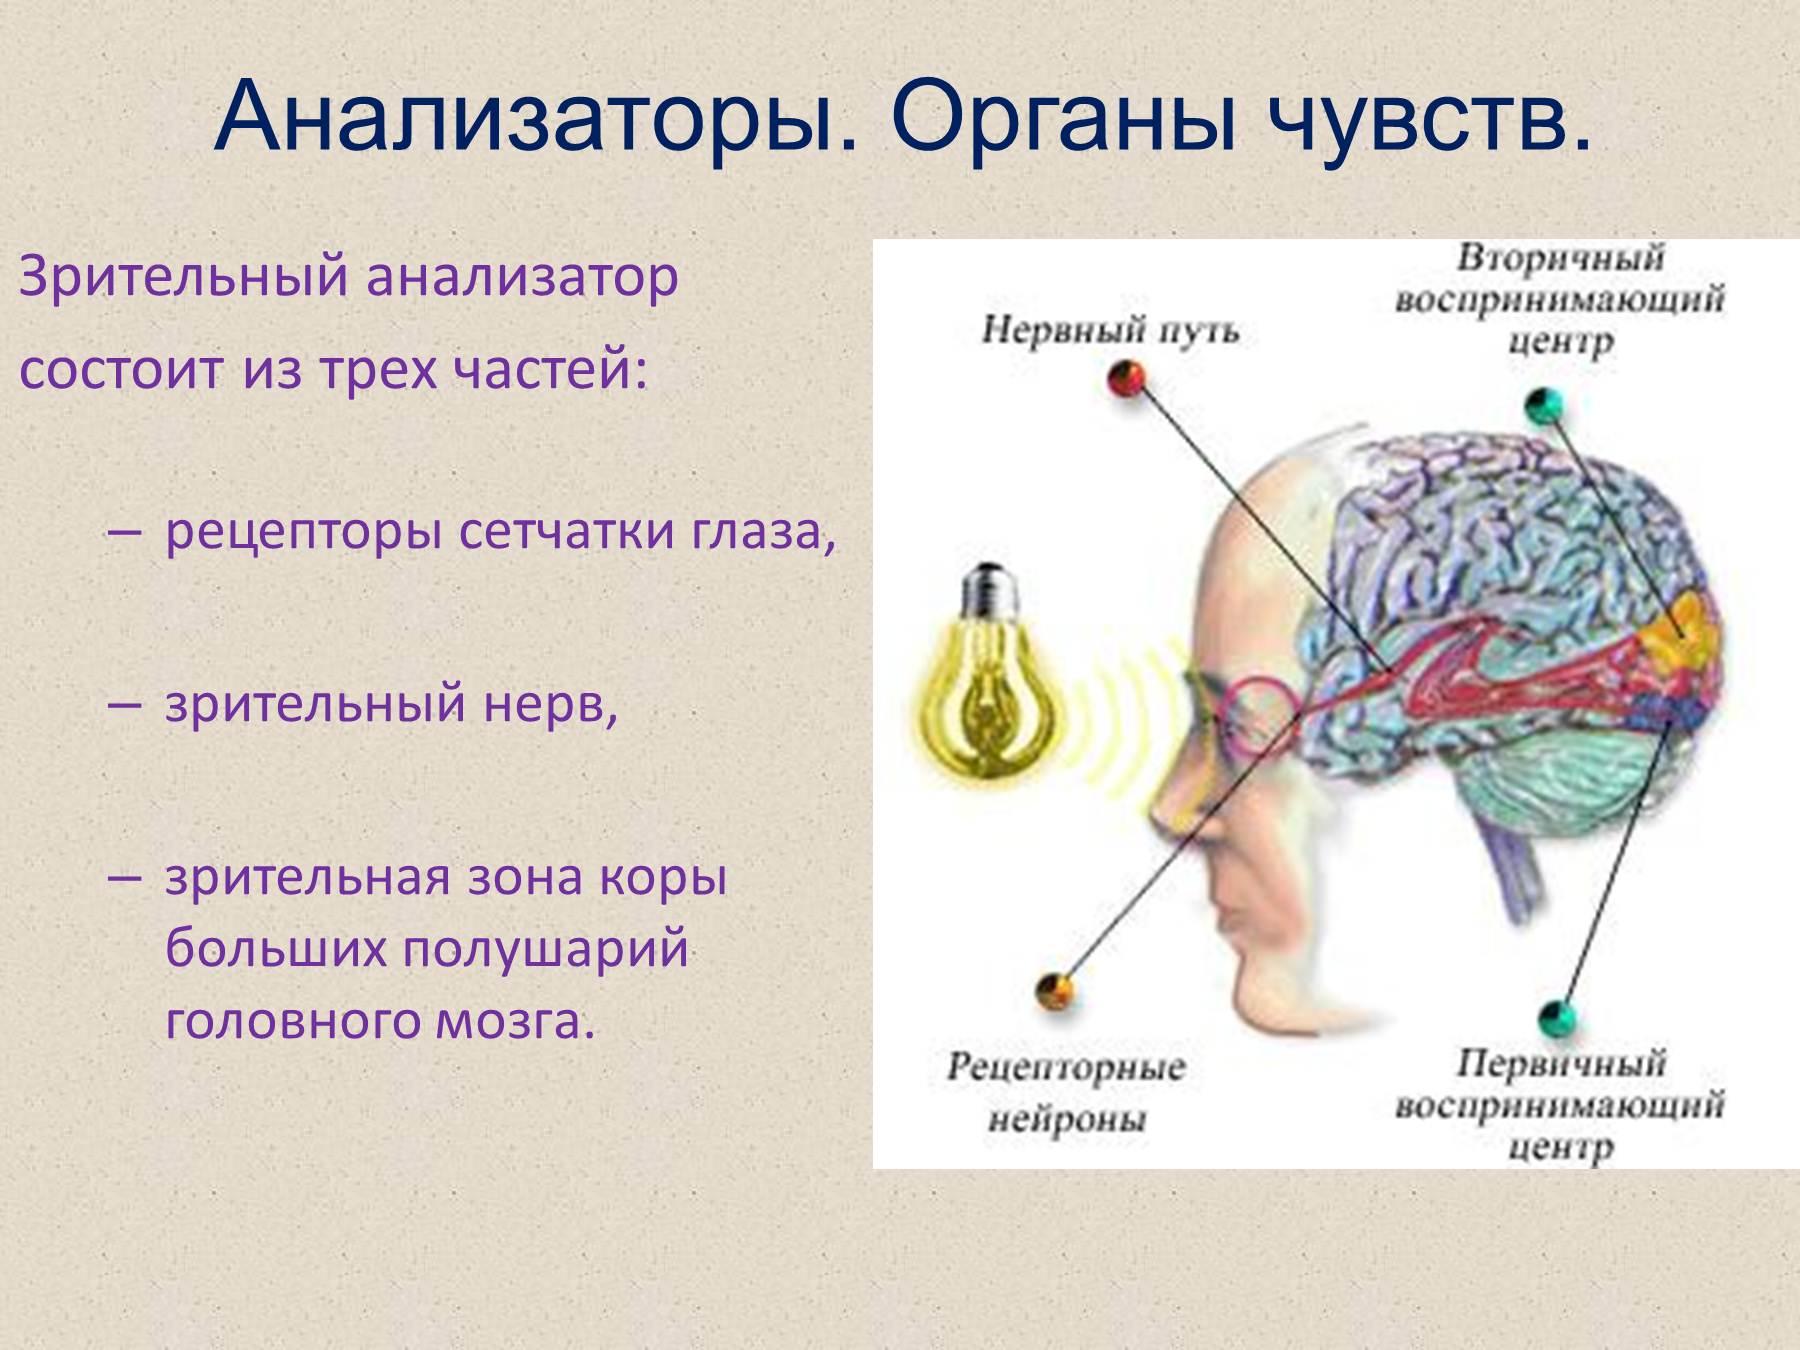 Схема зрительного и слухового анализаторов